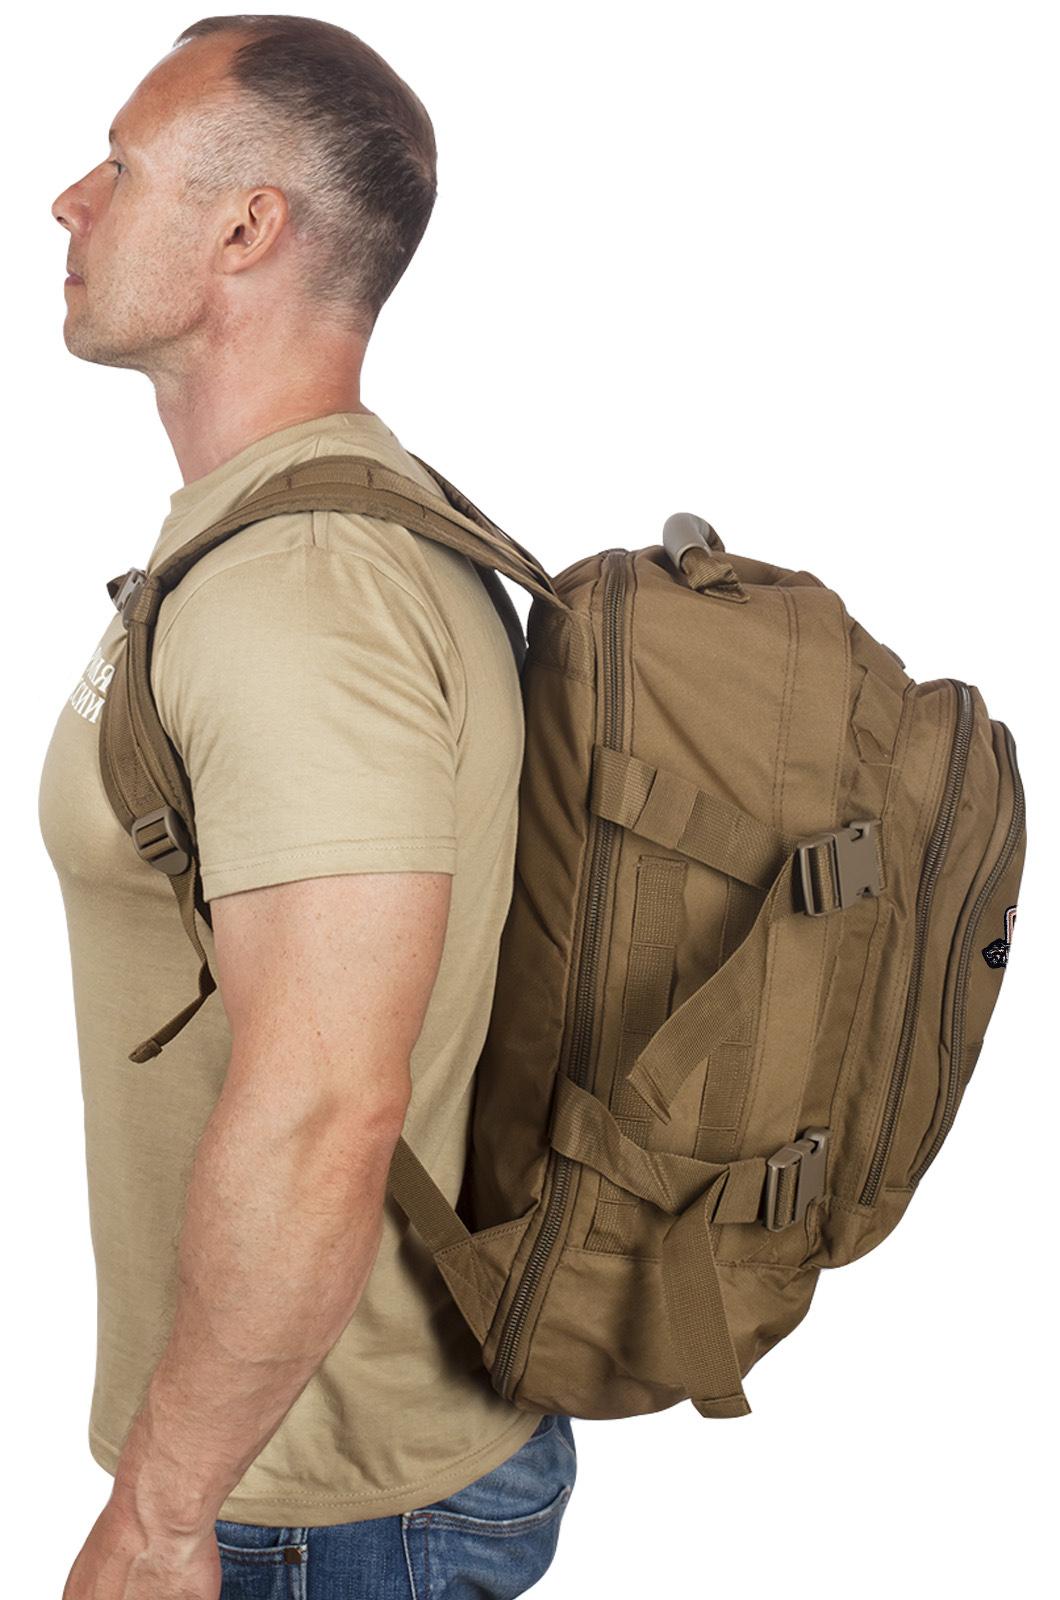 Штурмовой надежный рюкзак с нашивкой Охотничий Спецназ - заказать в подарок